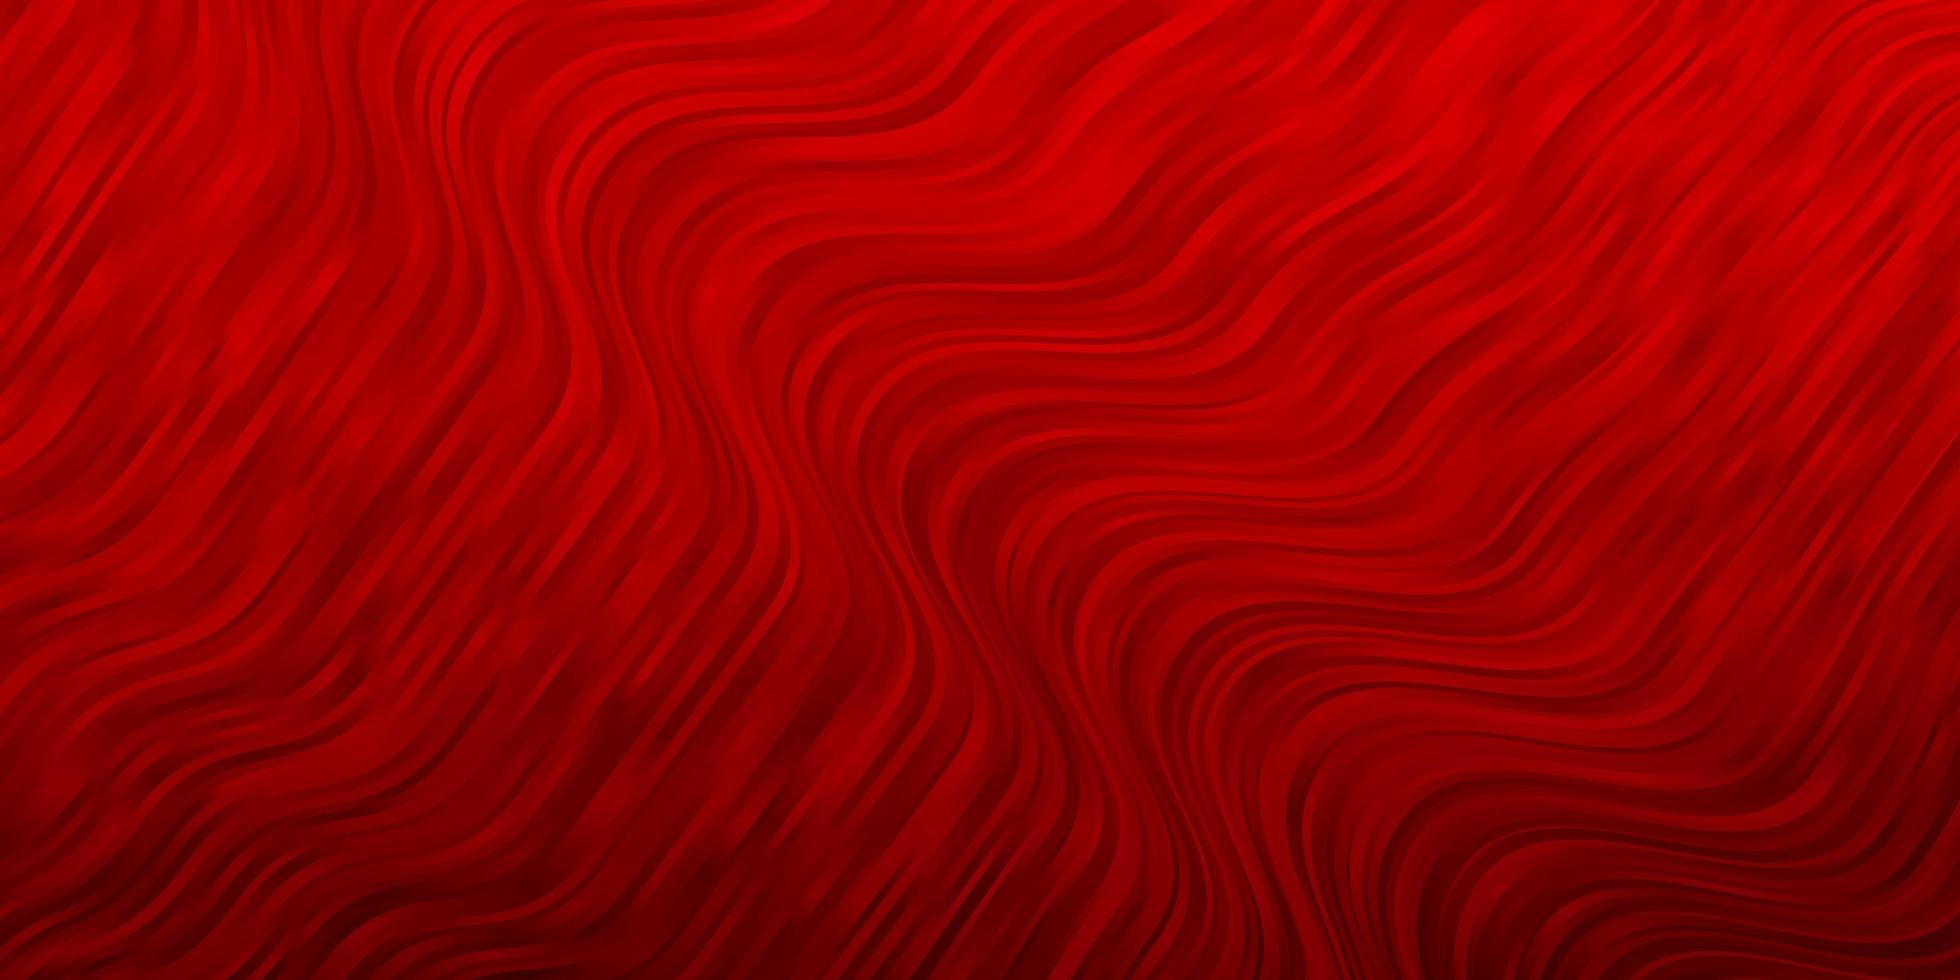 dunkelroter Vektorhintergrund mit Kreisbogen. vektor